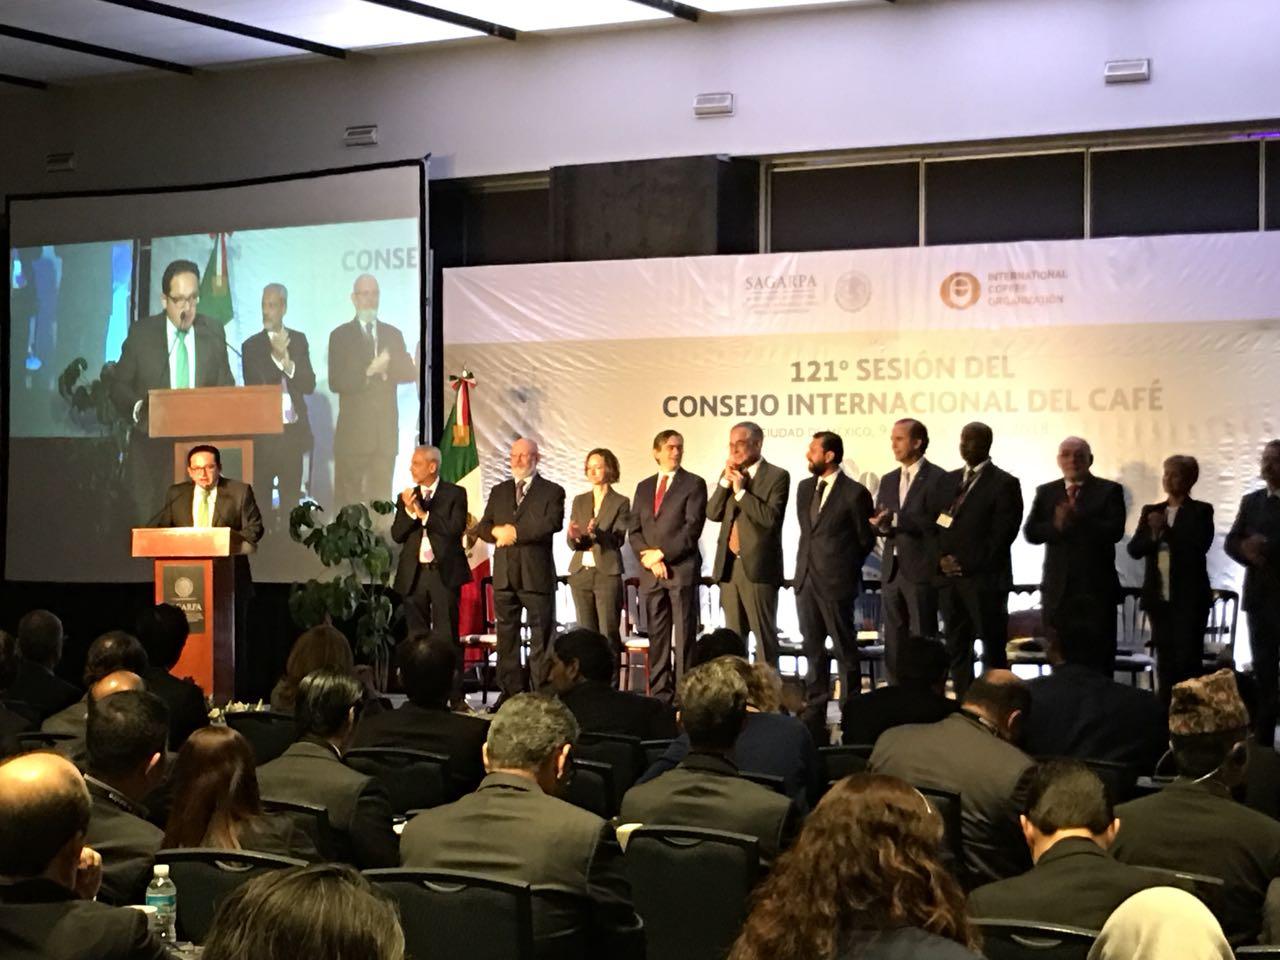 Sesión del Consejo Internacional del Café